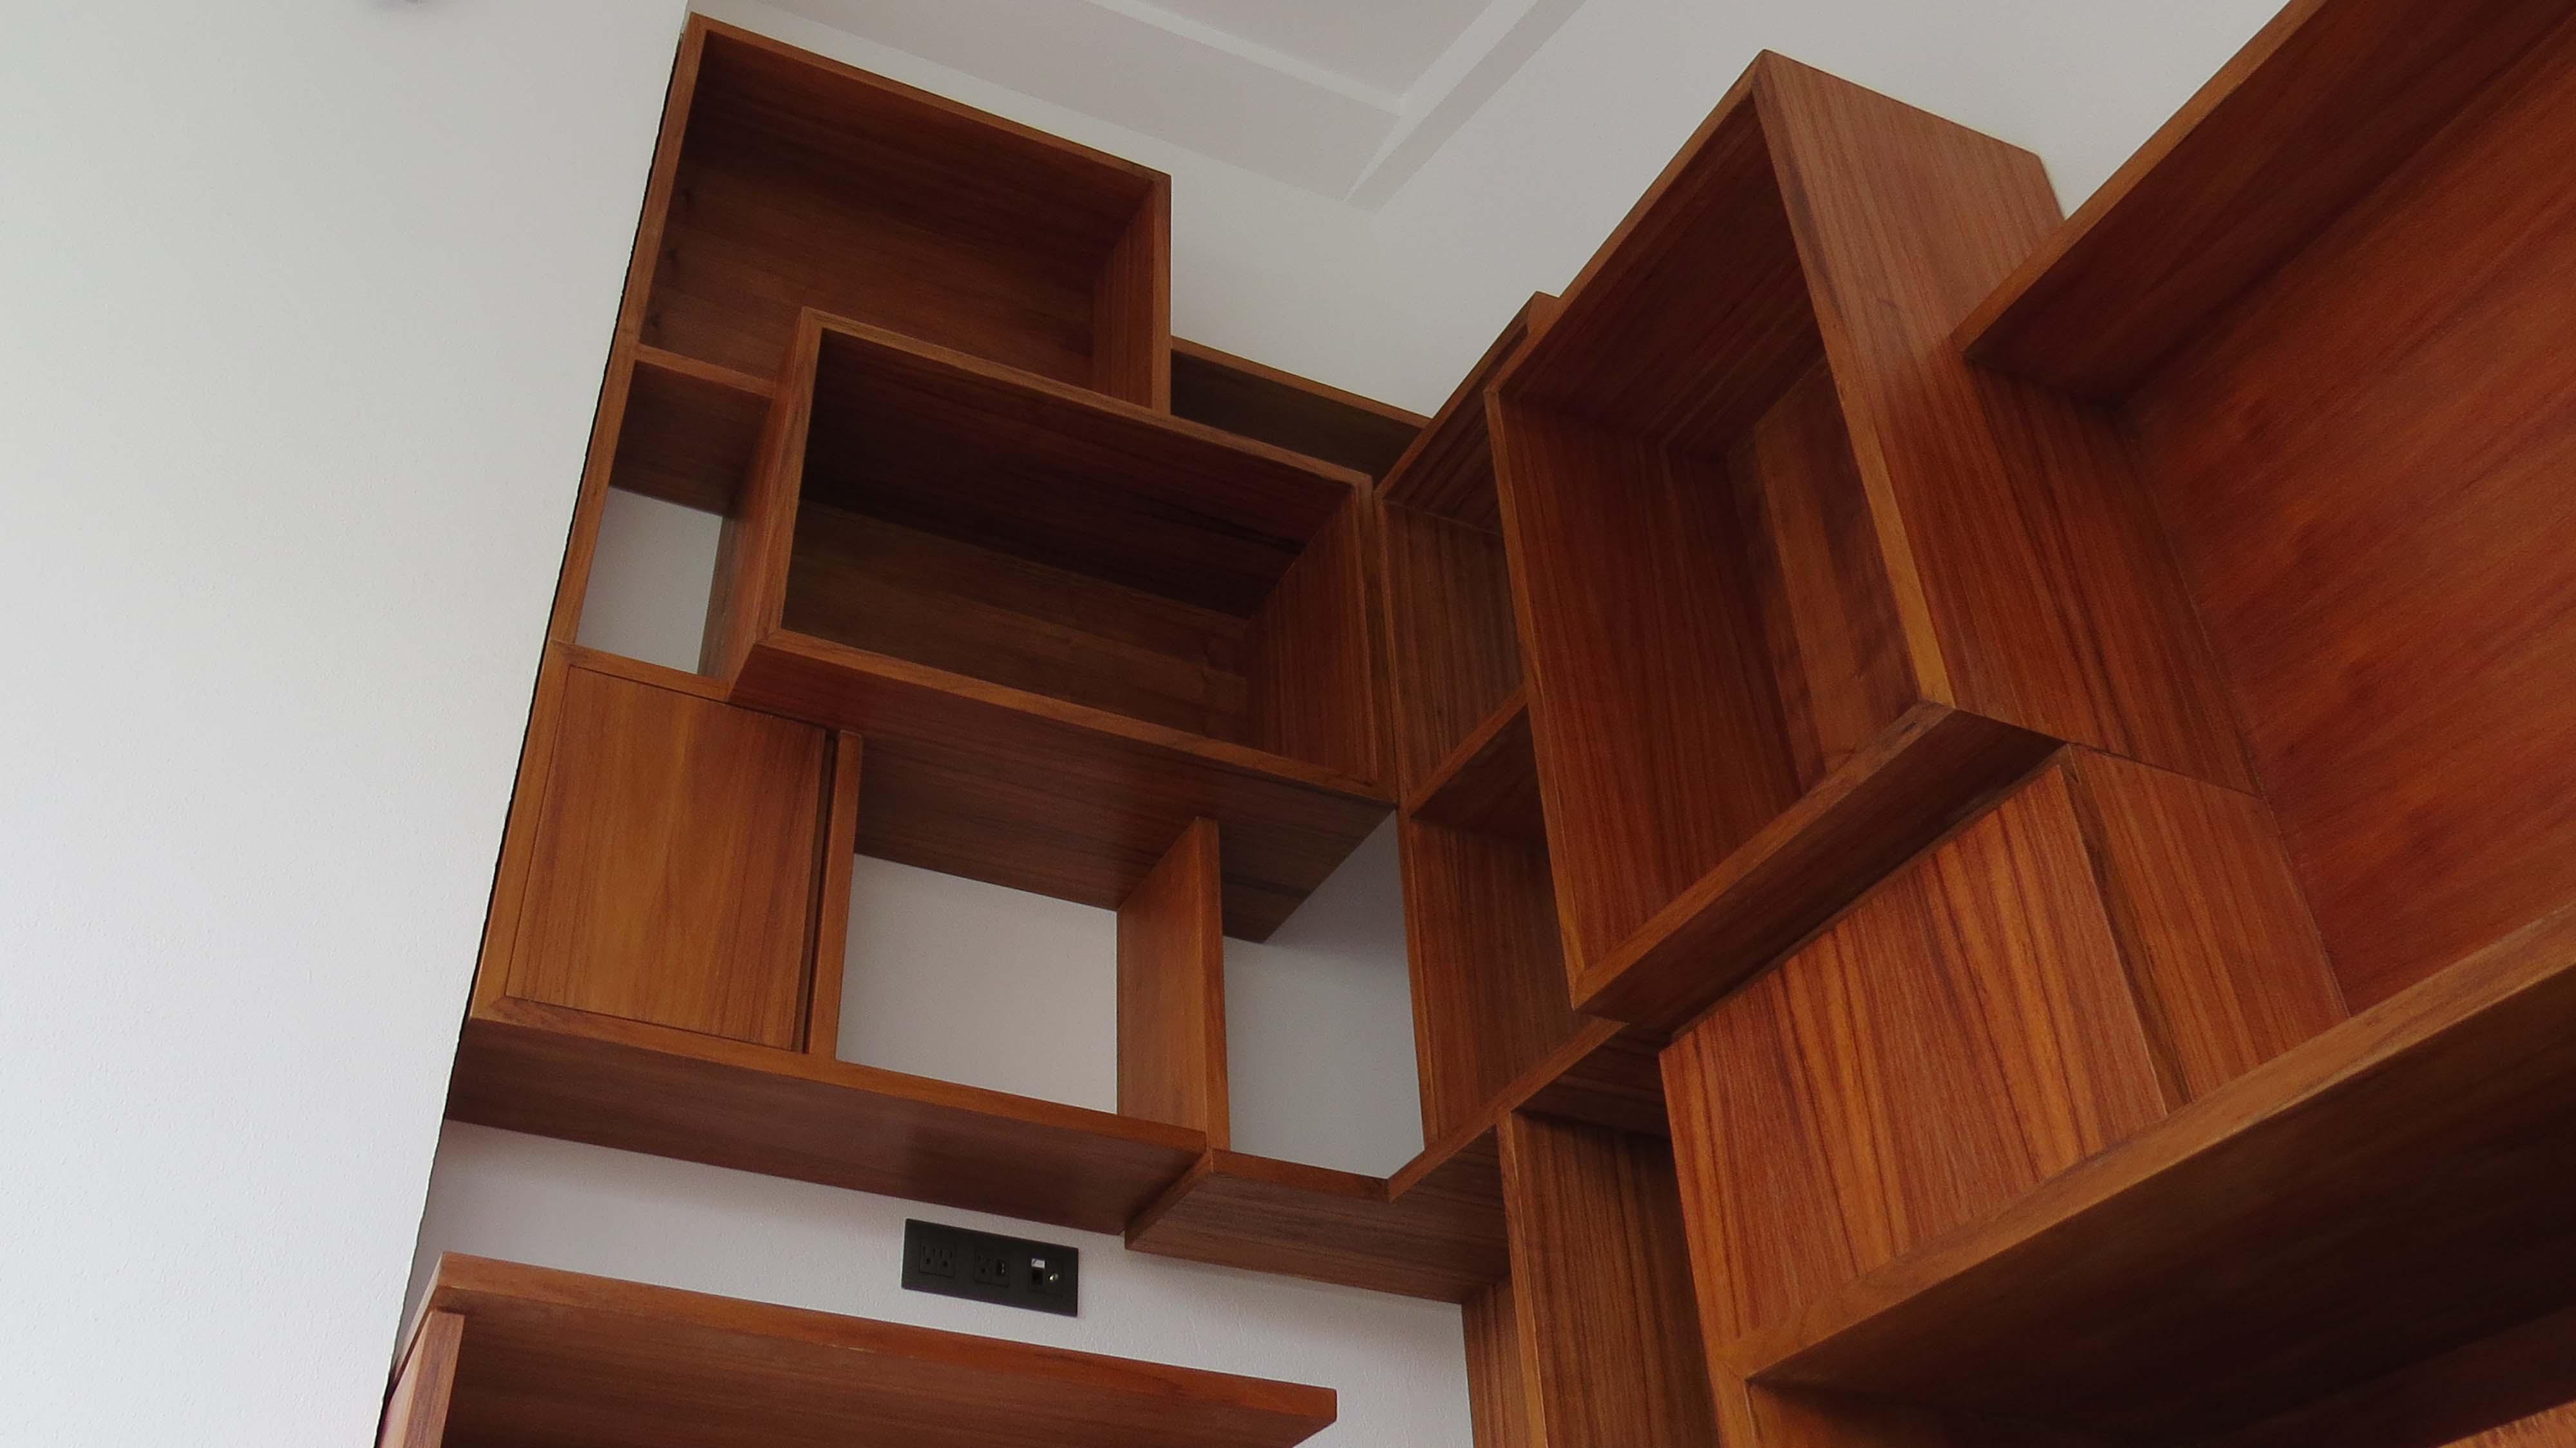 Maquiladora De Muebles Carpintero Arquitecto Contratista